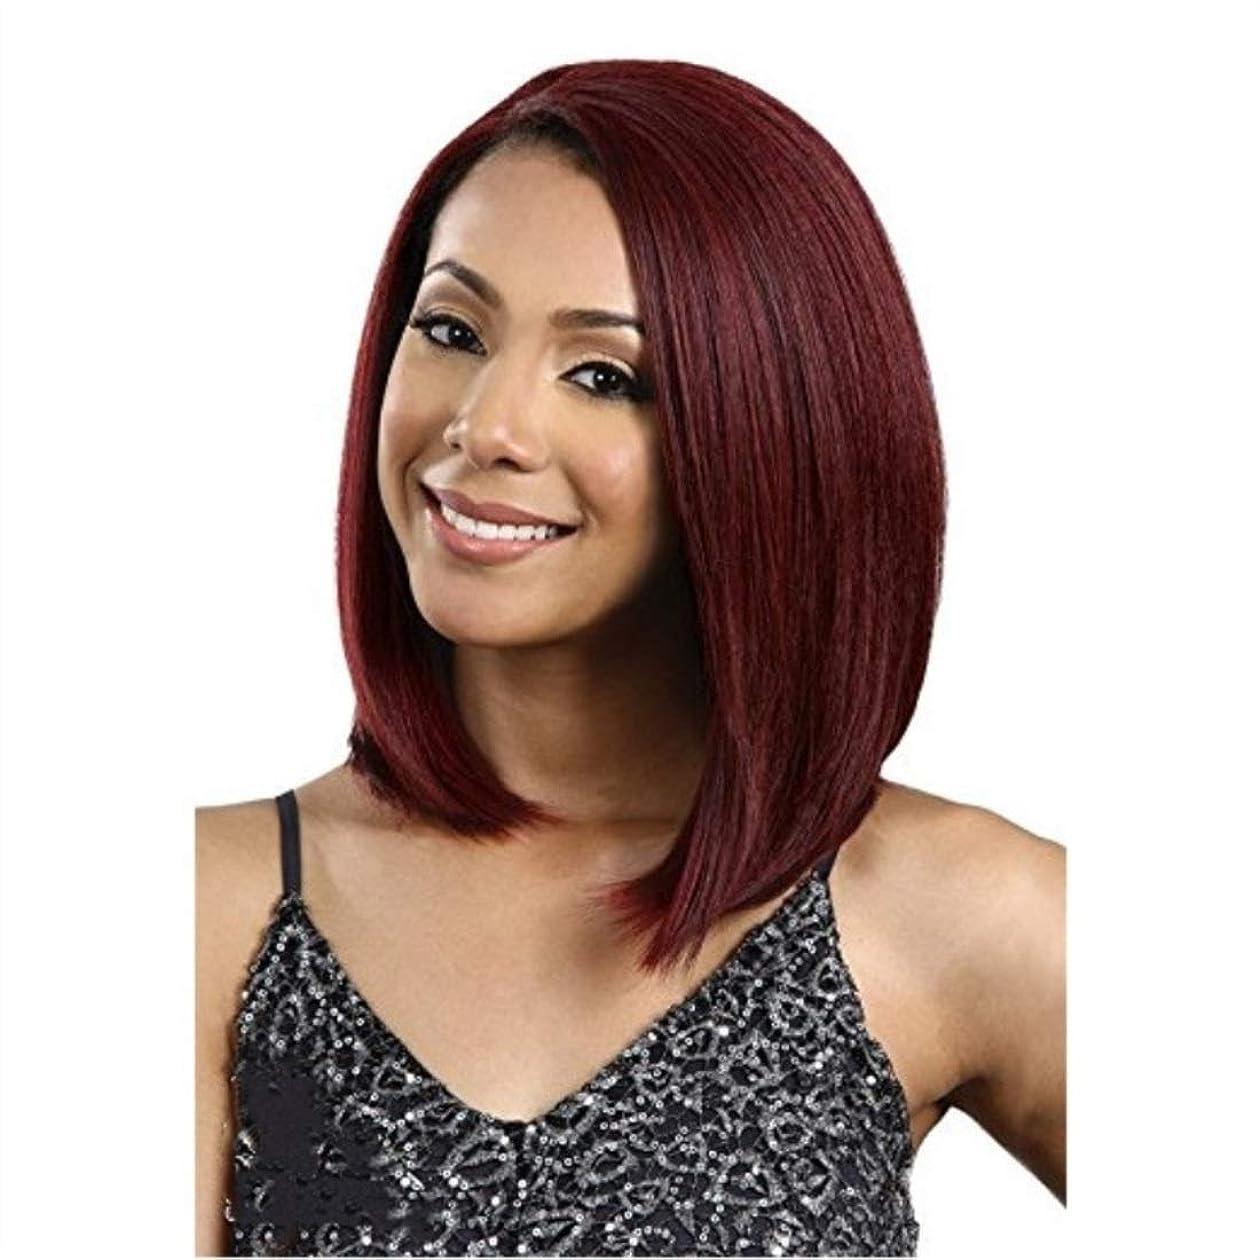 有効化始めるリットルSummerys 女性のための前髪の髪のかつらとミディアムストレートヘアレッドウィッグヘッドギア耐熱合成かつら